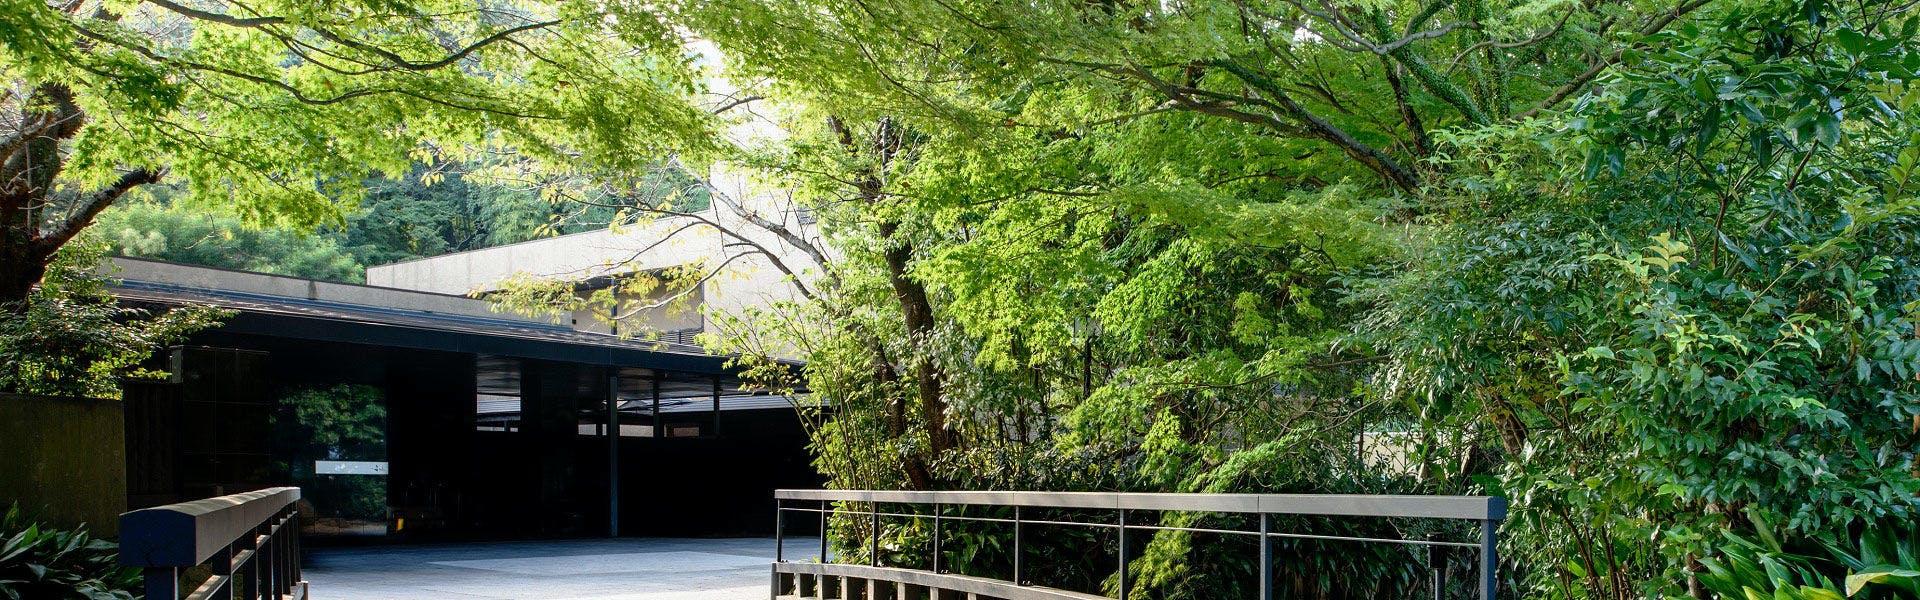 記念日におすすめのホテル・熱海 ふふの写真1